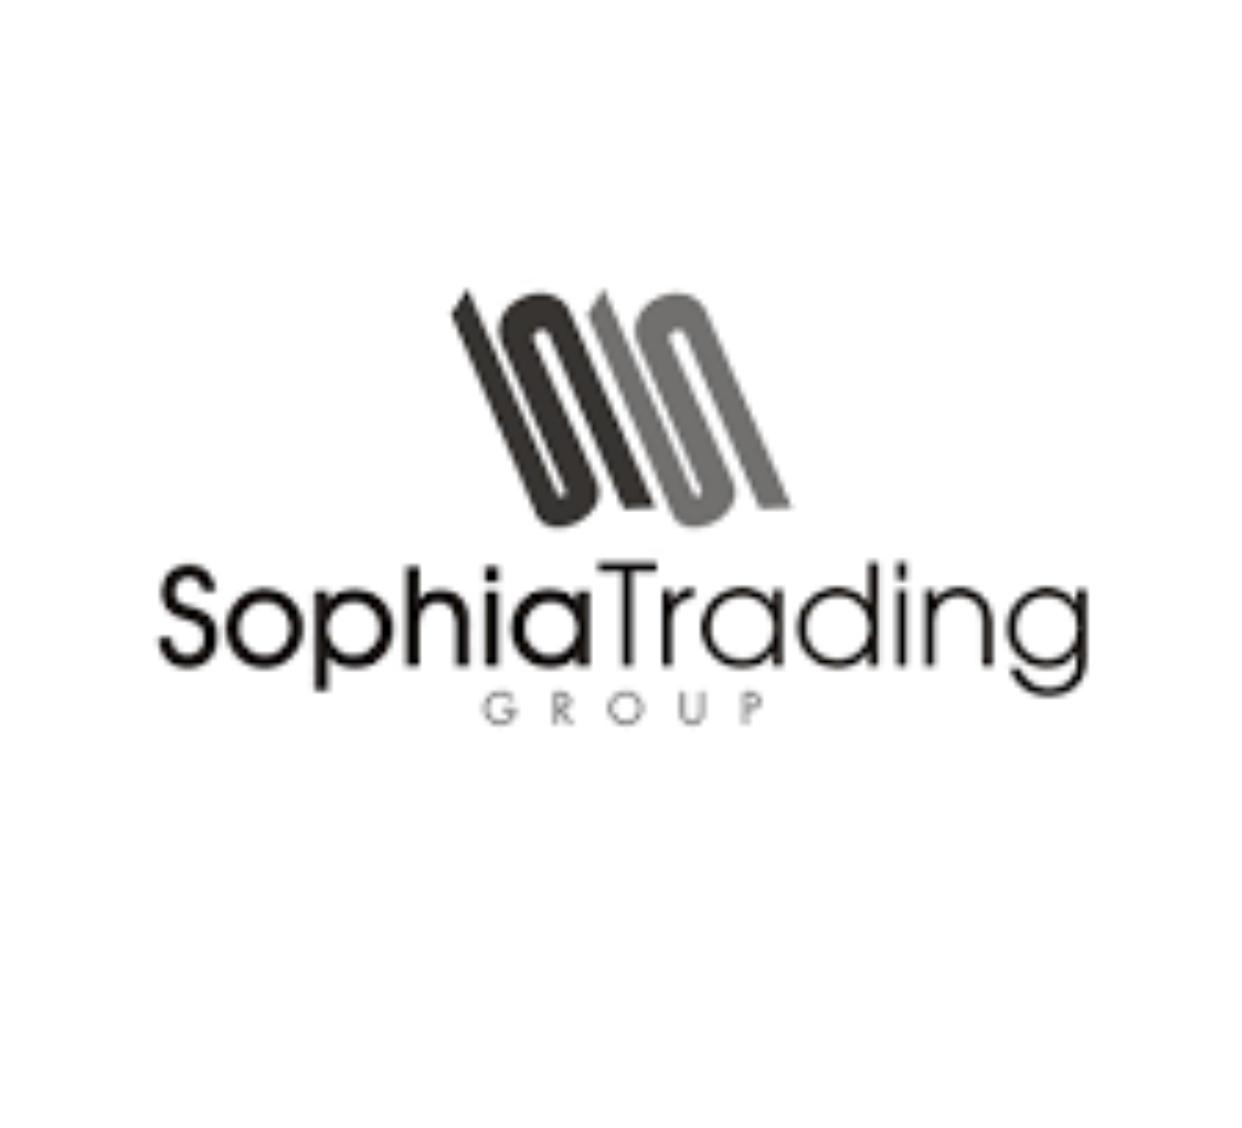 Sophia Trading Ltd